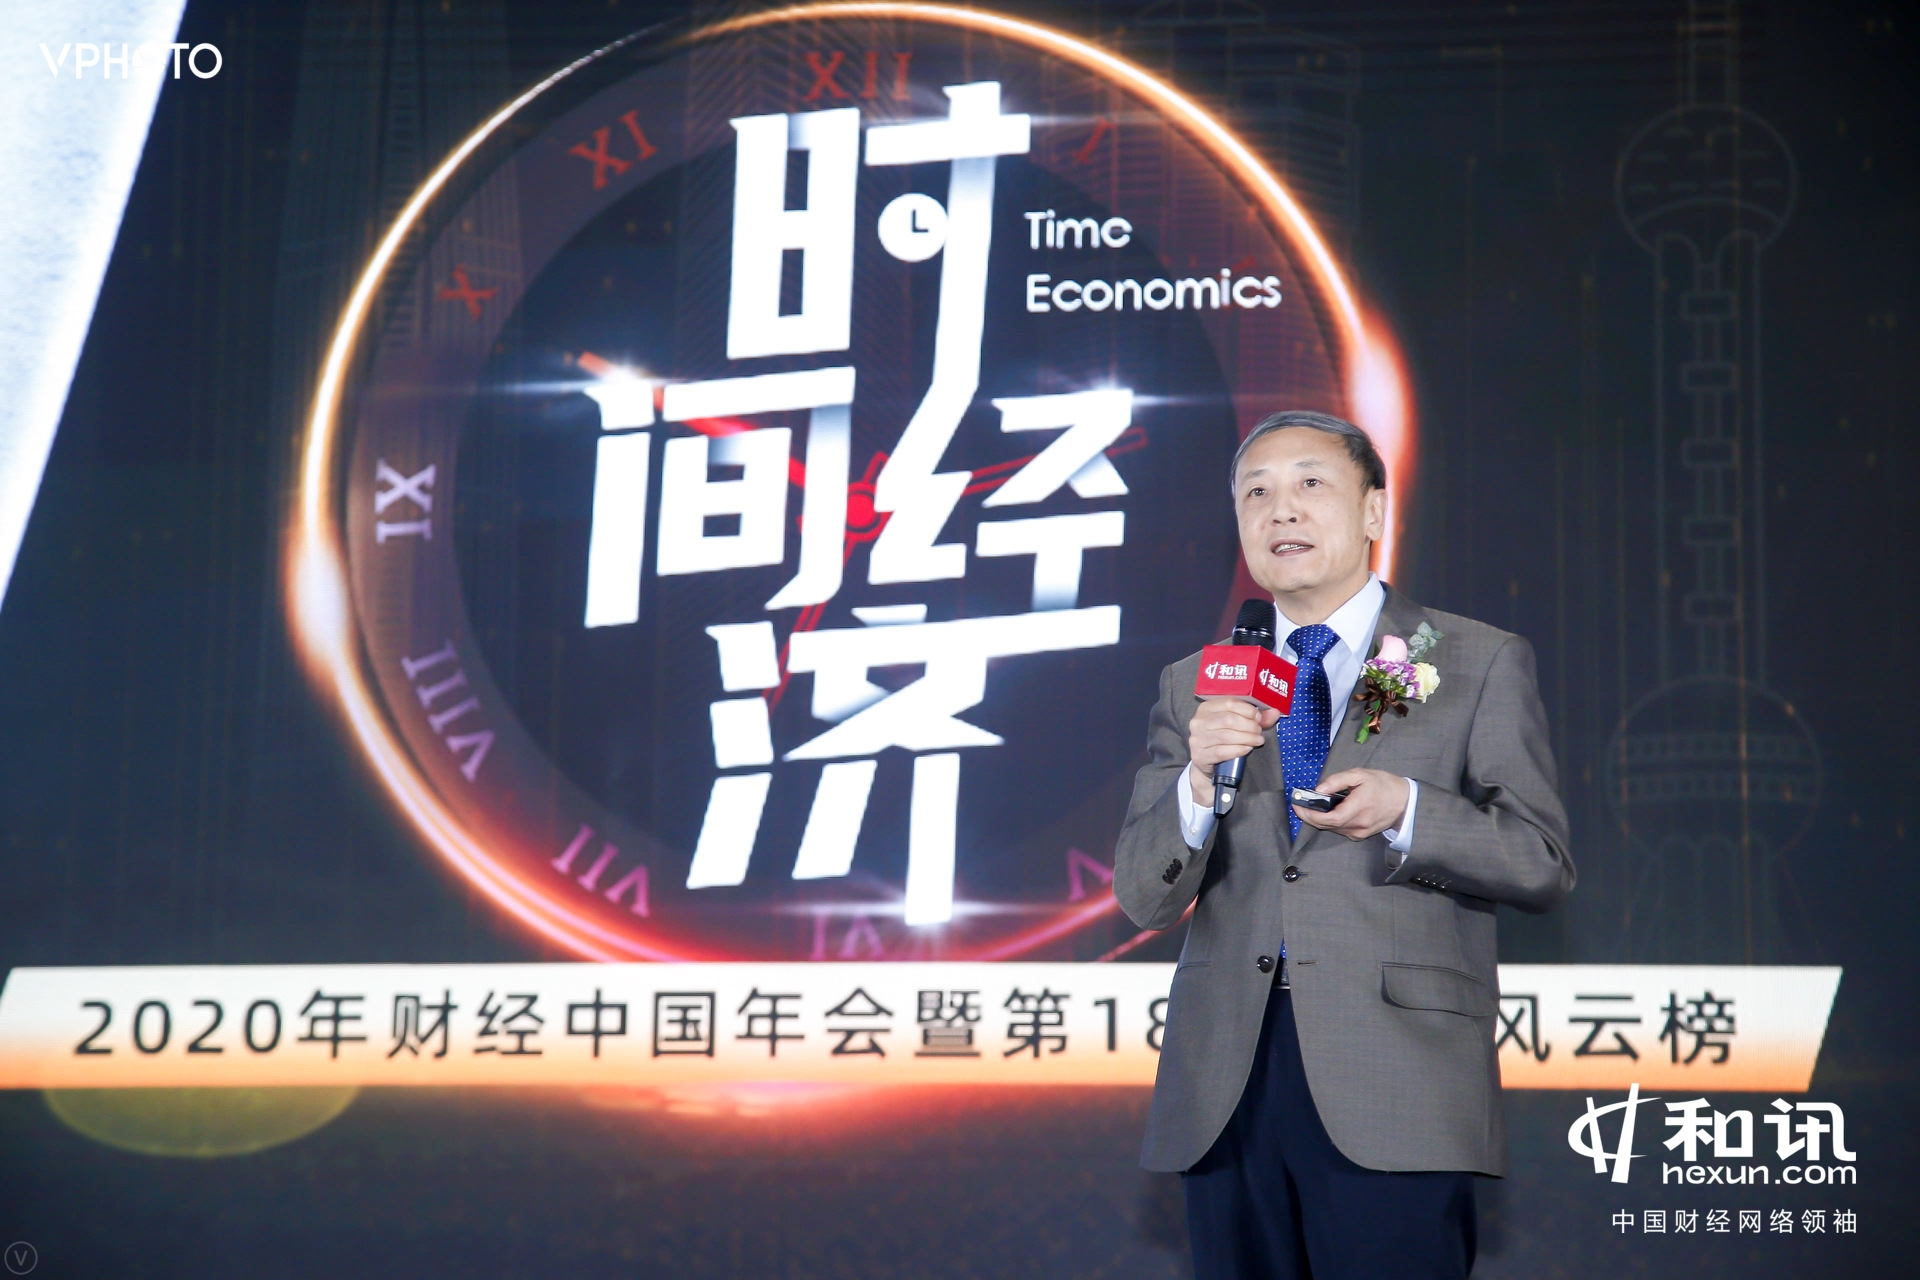 中国人口峰值_中国人口峰值或提前到来专家建言老龄化应对